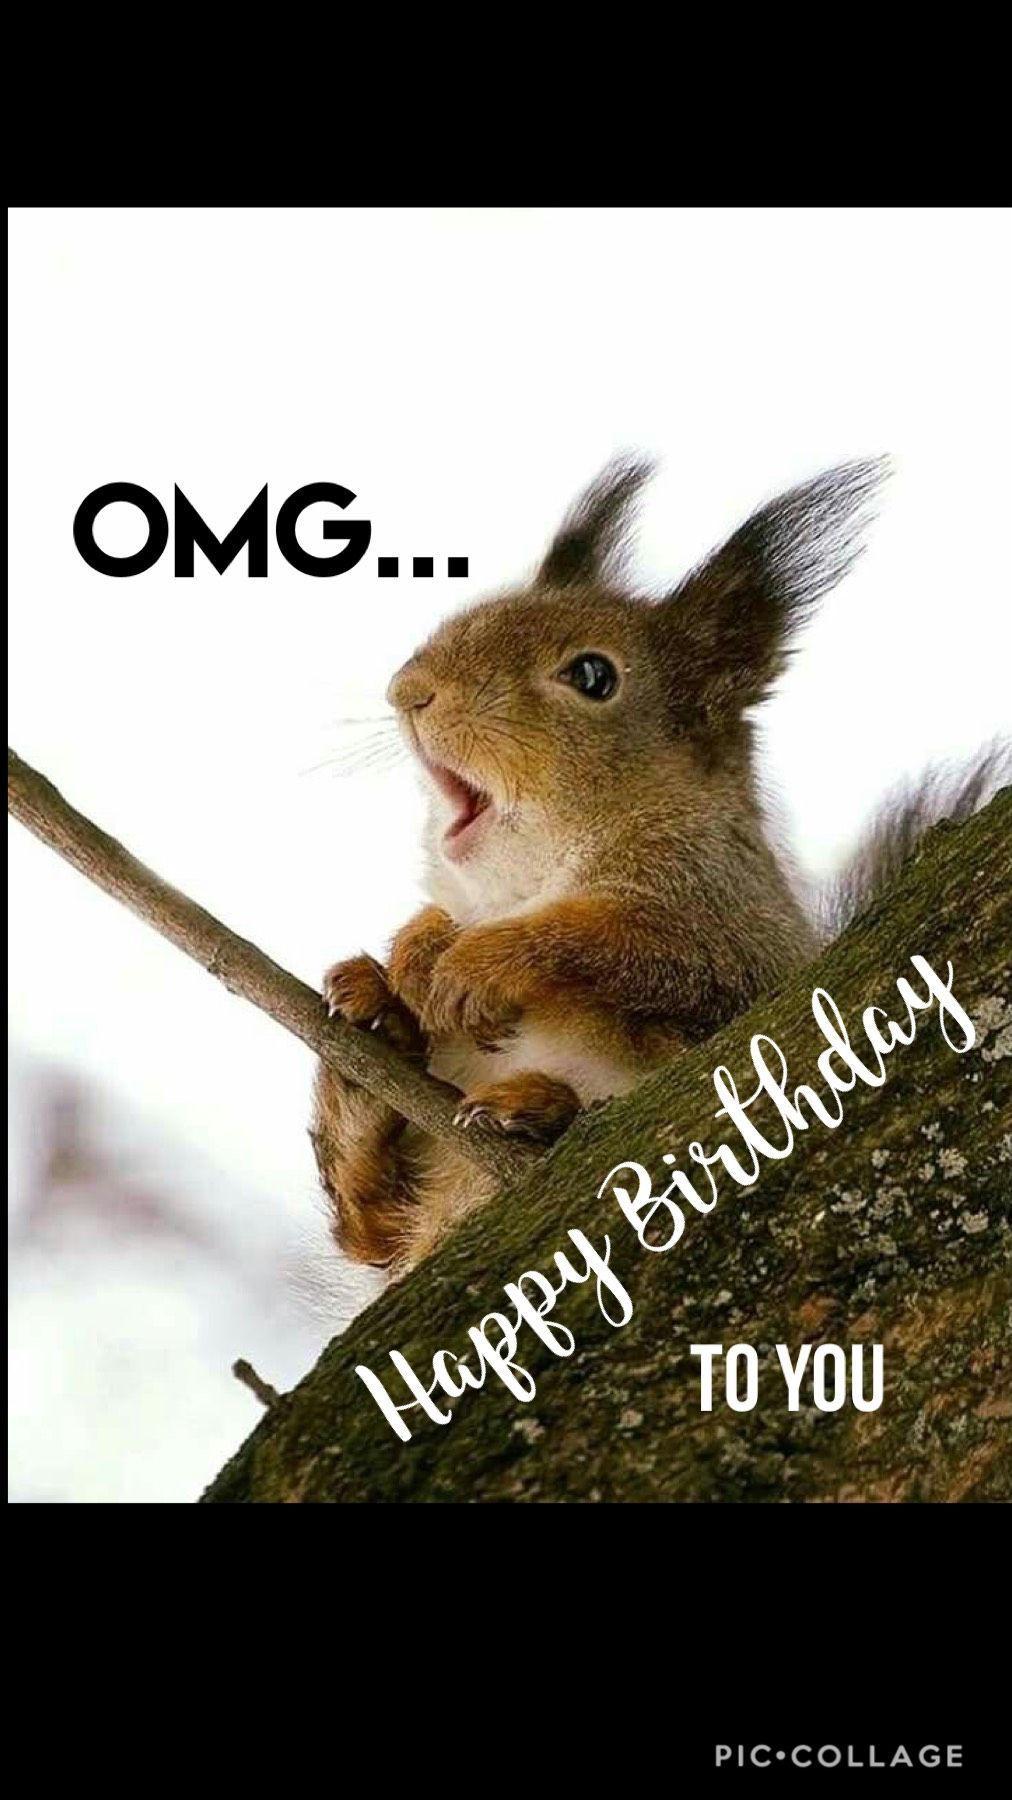 Funny happy birthday meme by Heather Moy on Birthday